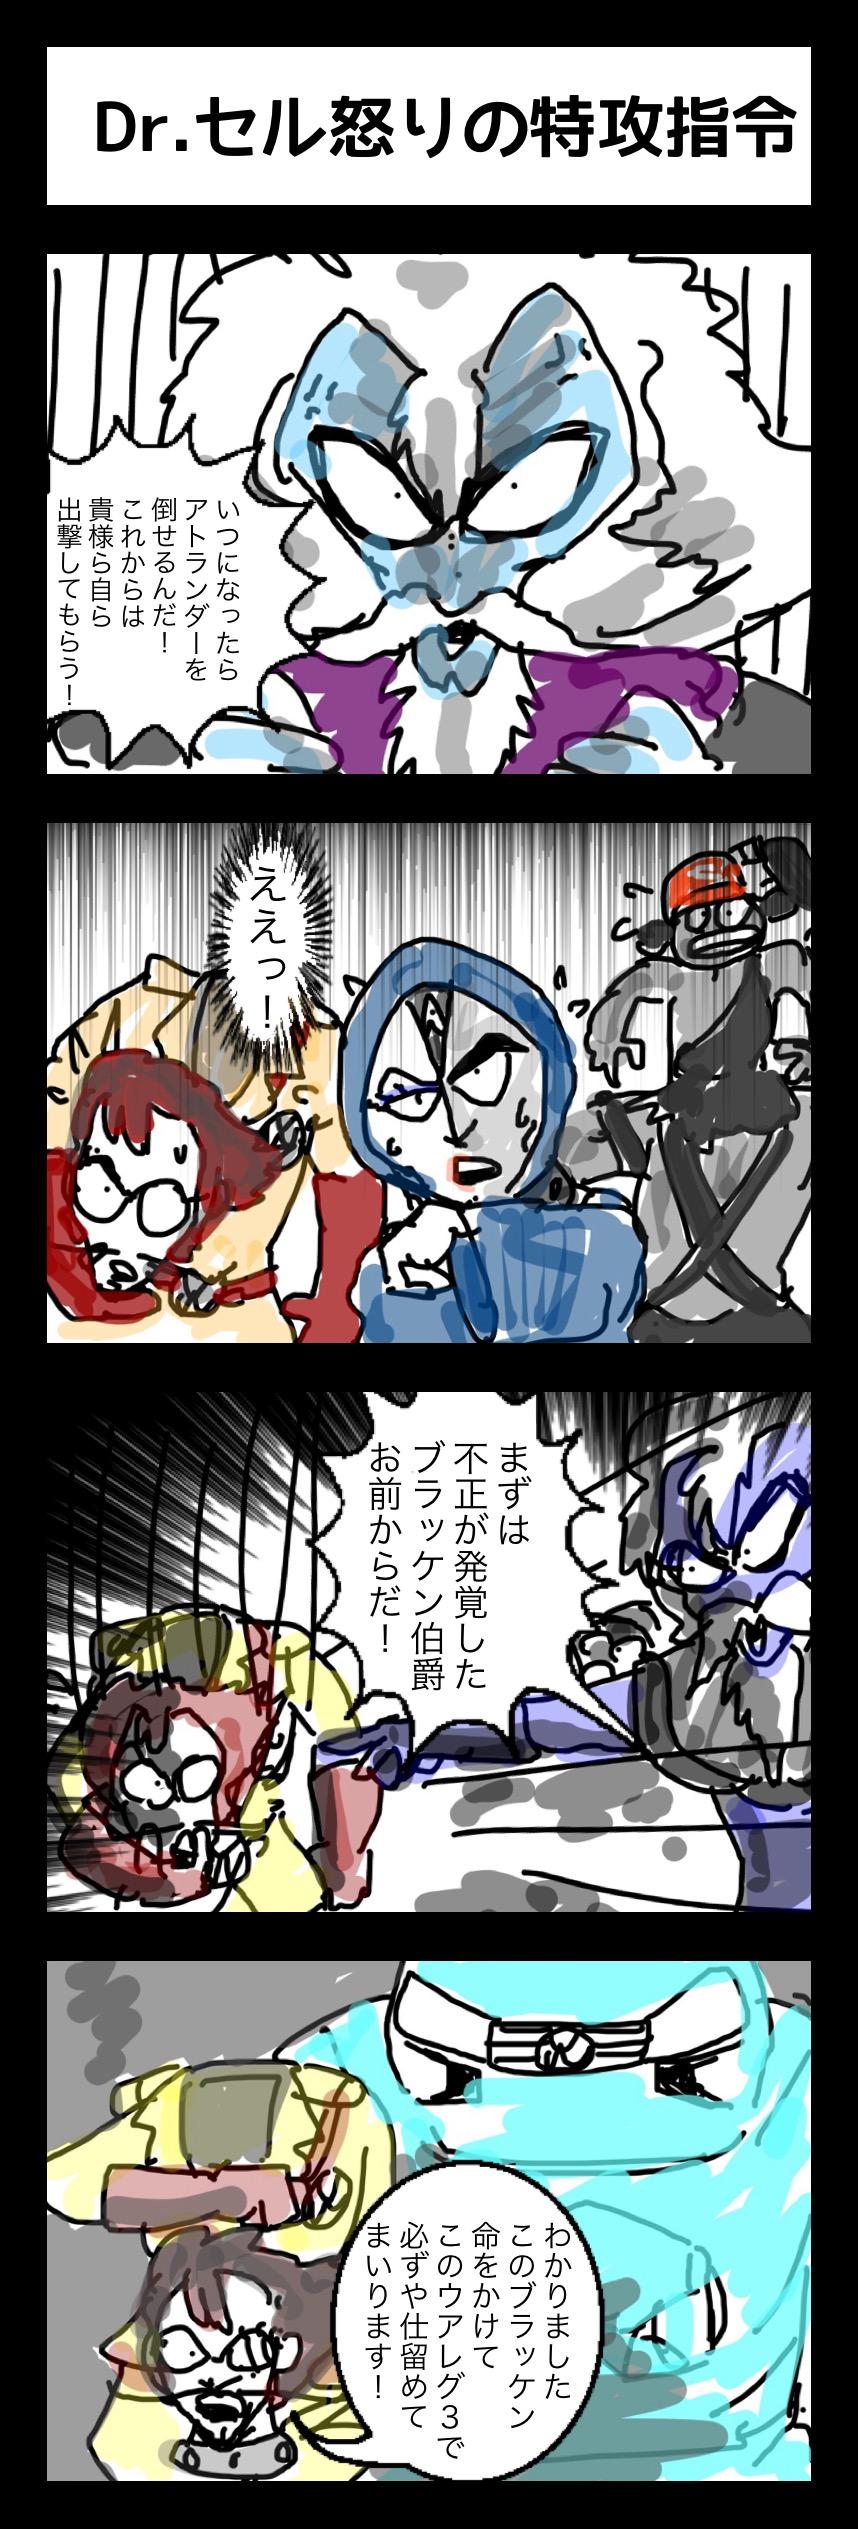 連載4コマ漫画 アトランダーV 第36 話